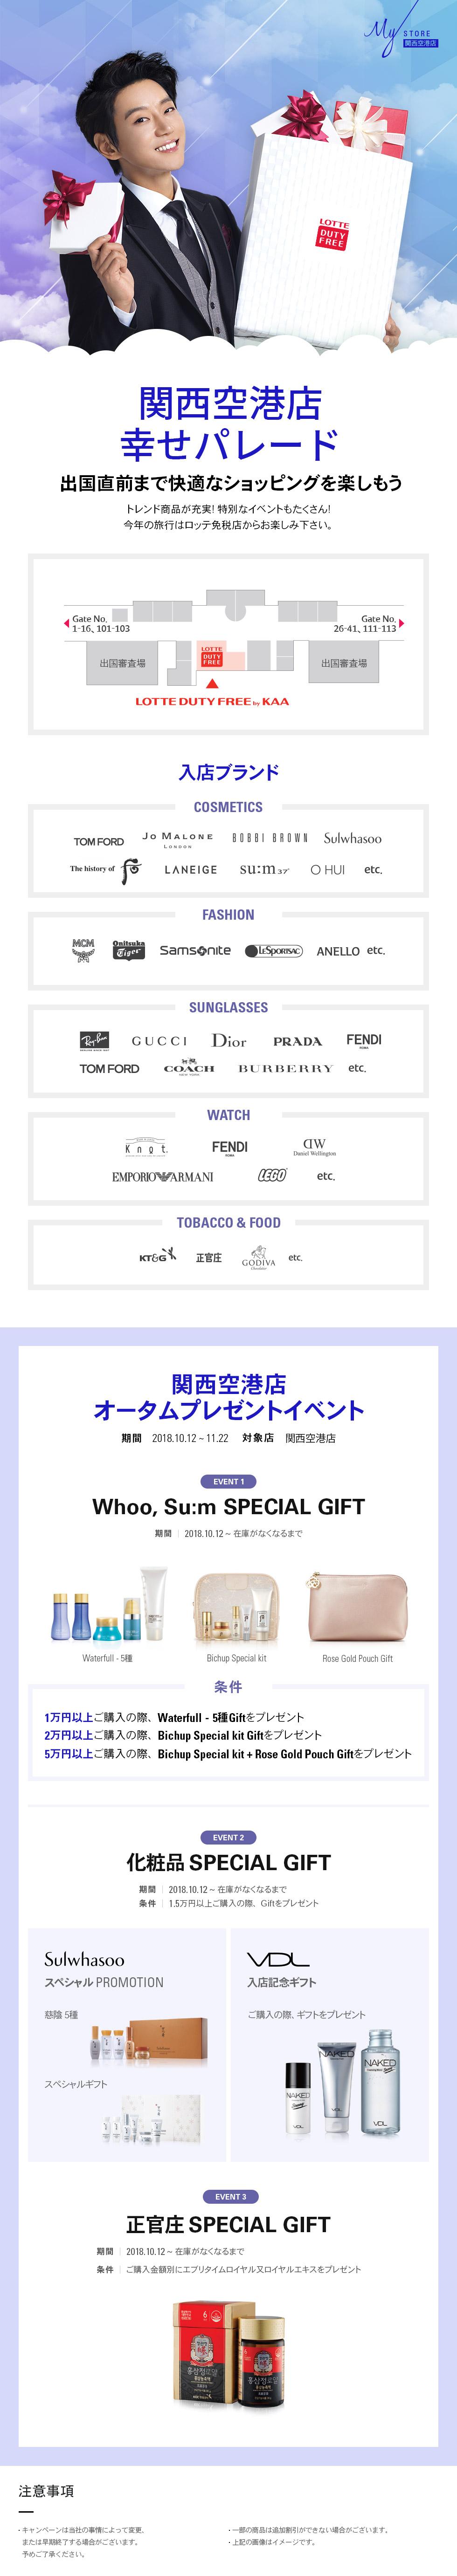 関西空港店 オータムプレゼントイベント